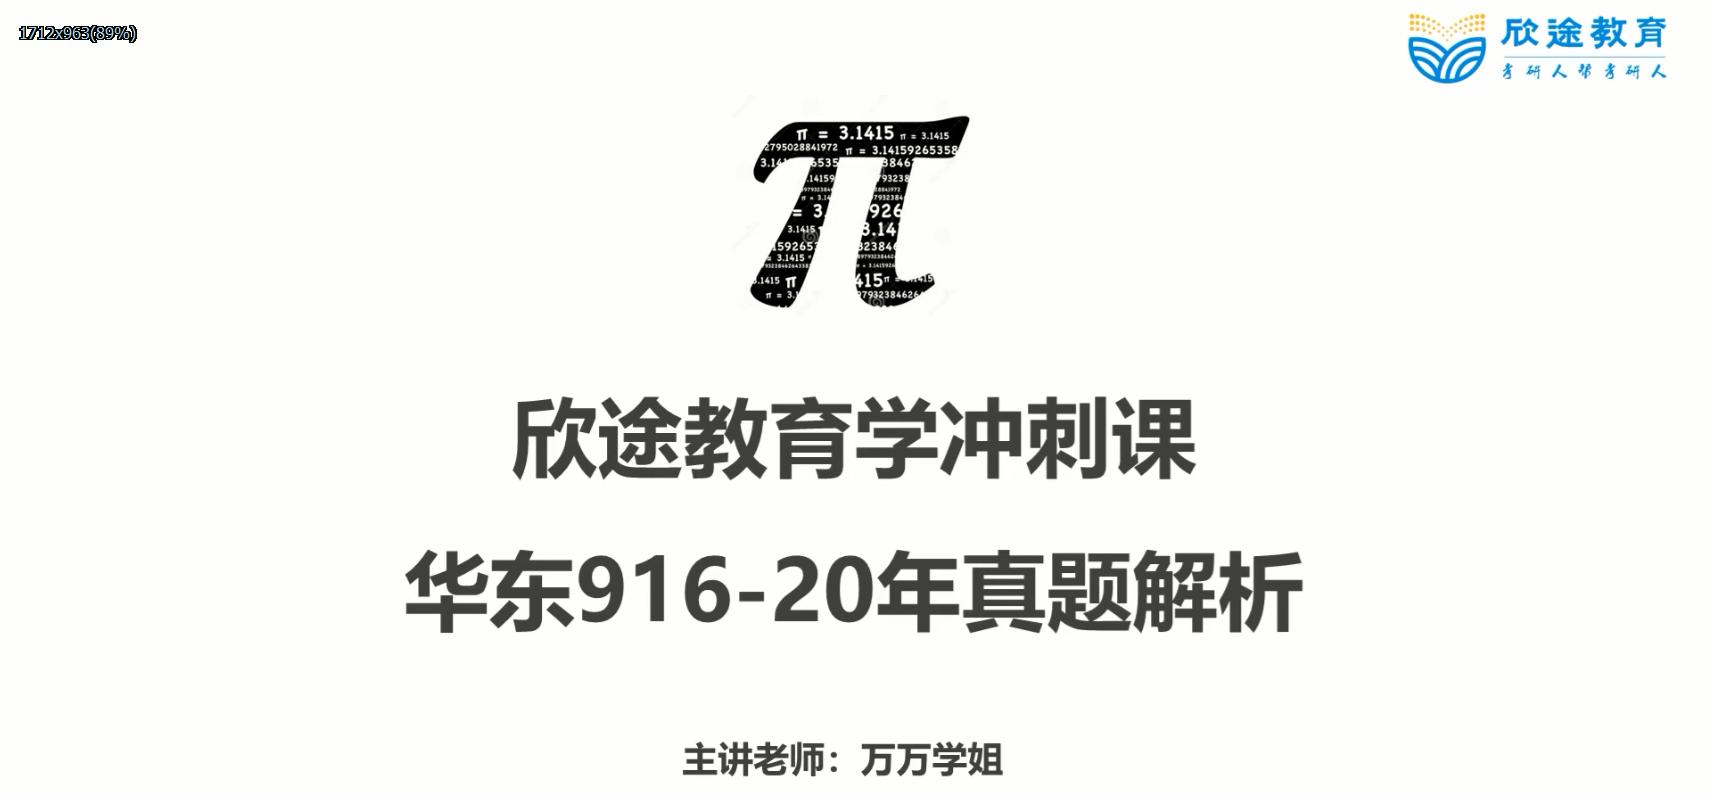 【2021教育学考研】华东师范大学(学科数学)冲刺真题解析试听课